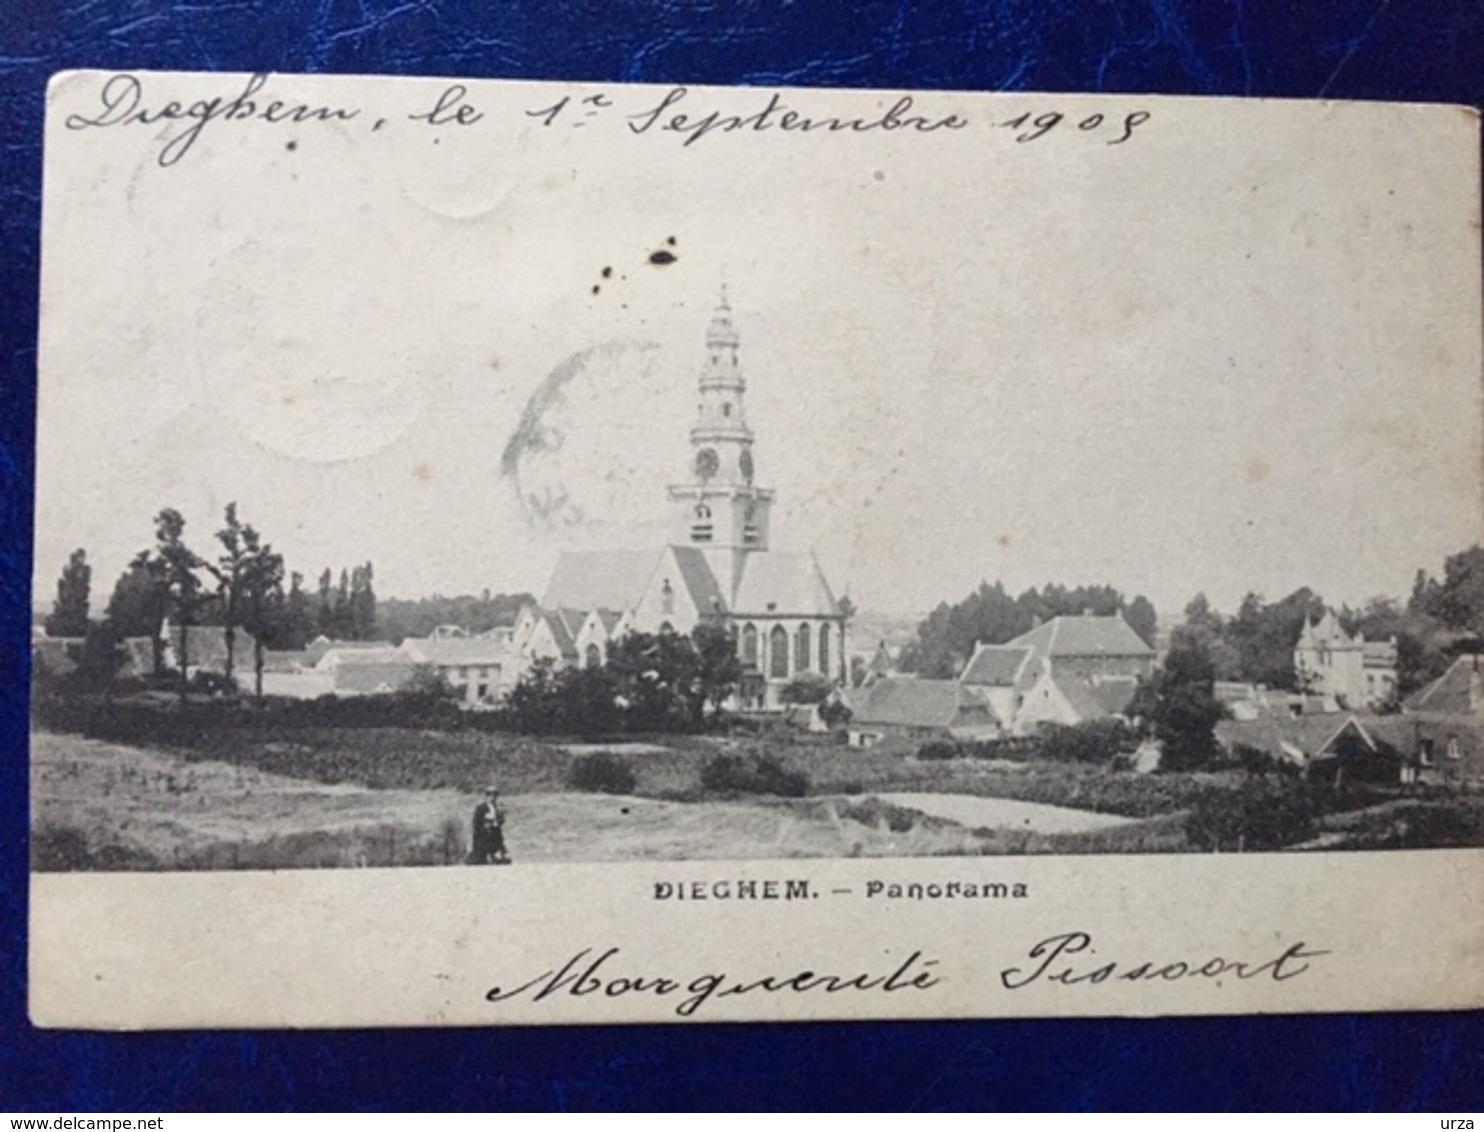 DIEGEM-----cpa--Panorama--1905 - Diegem